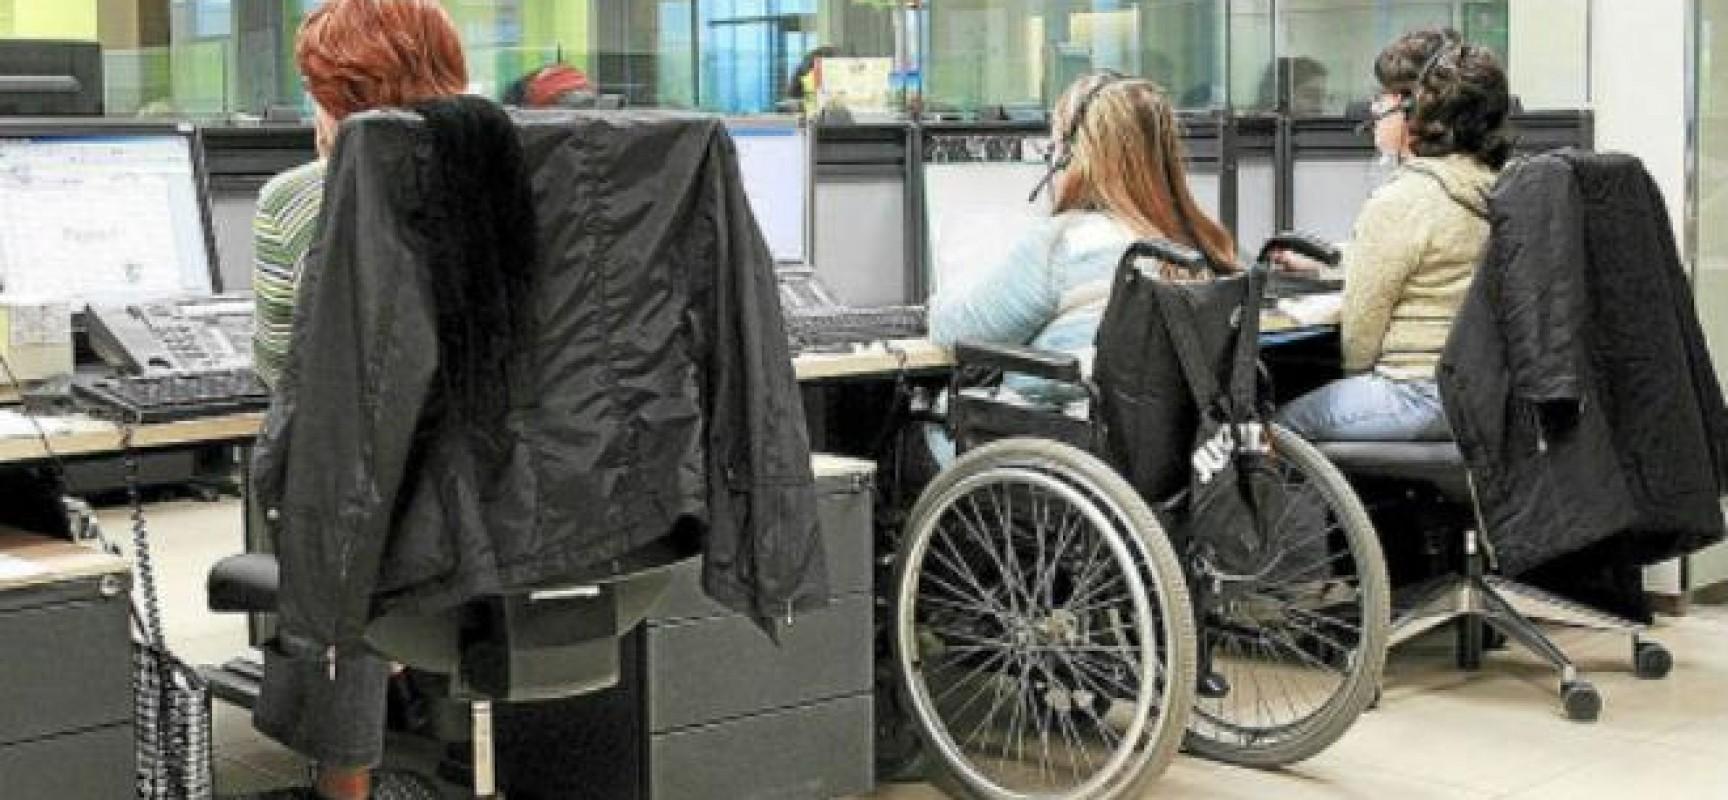 La contratación de personas con discapacidad se incrementa en Canarias un 19% en el primer trimestre de 2018